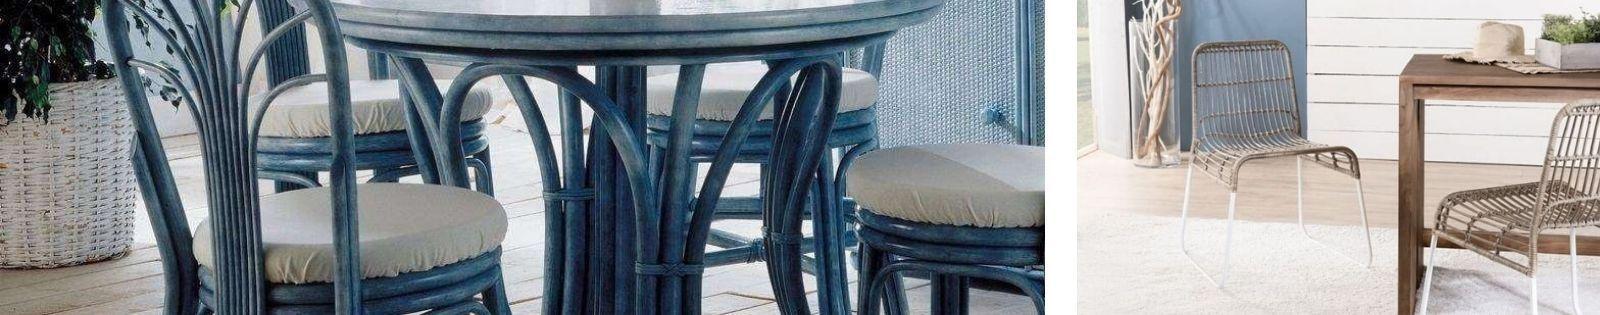 Chaise en rotin : Meubles haut de gamme de fabrication artisanale.